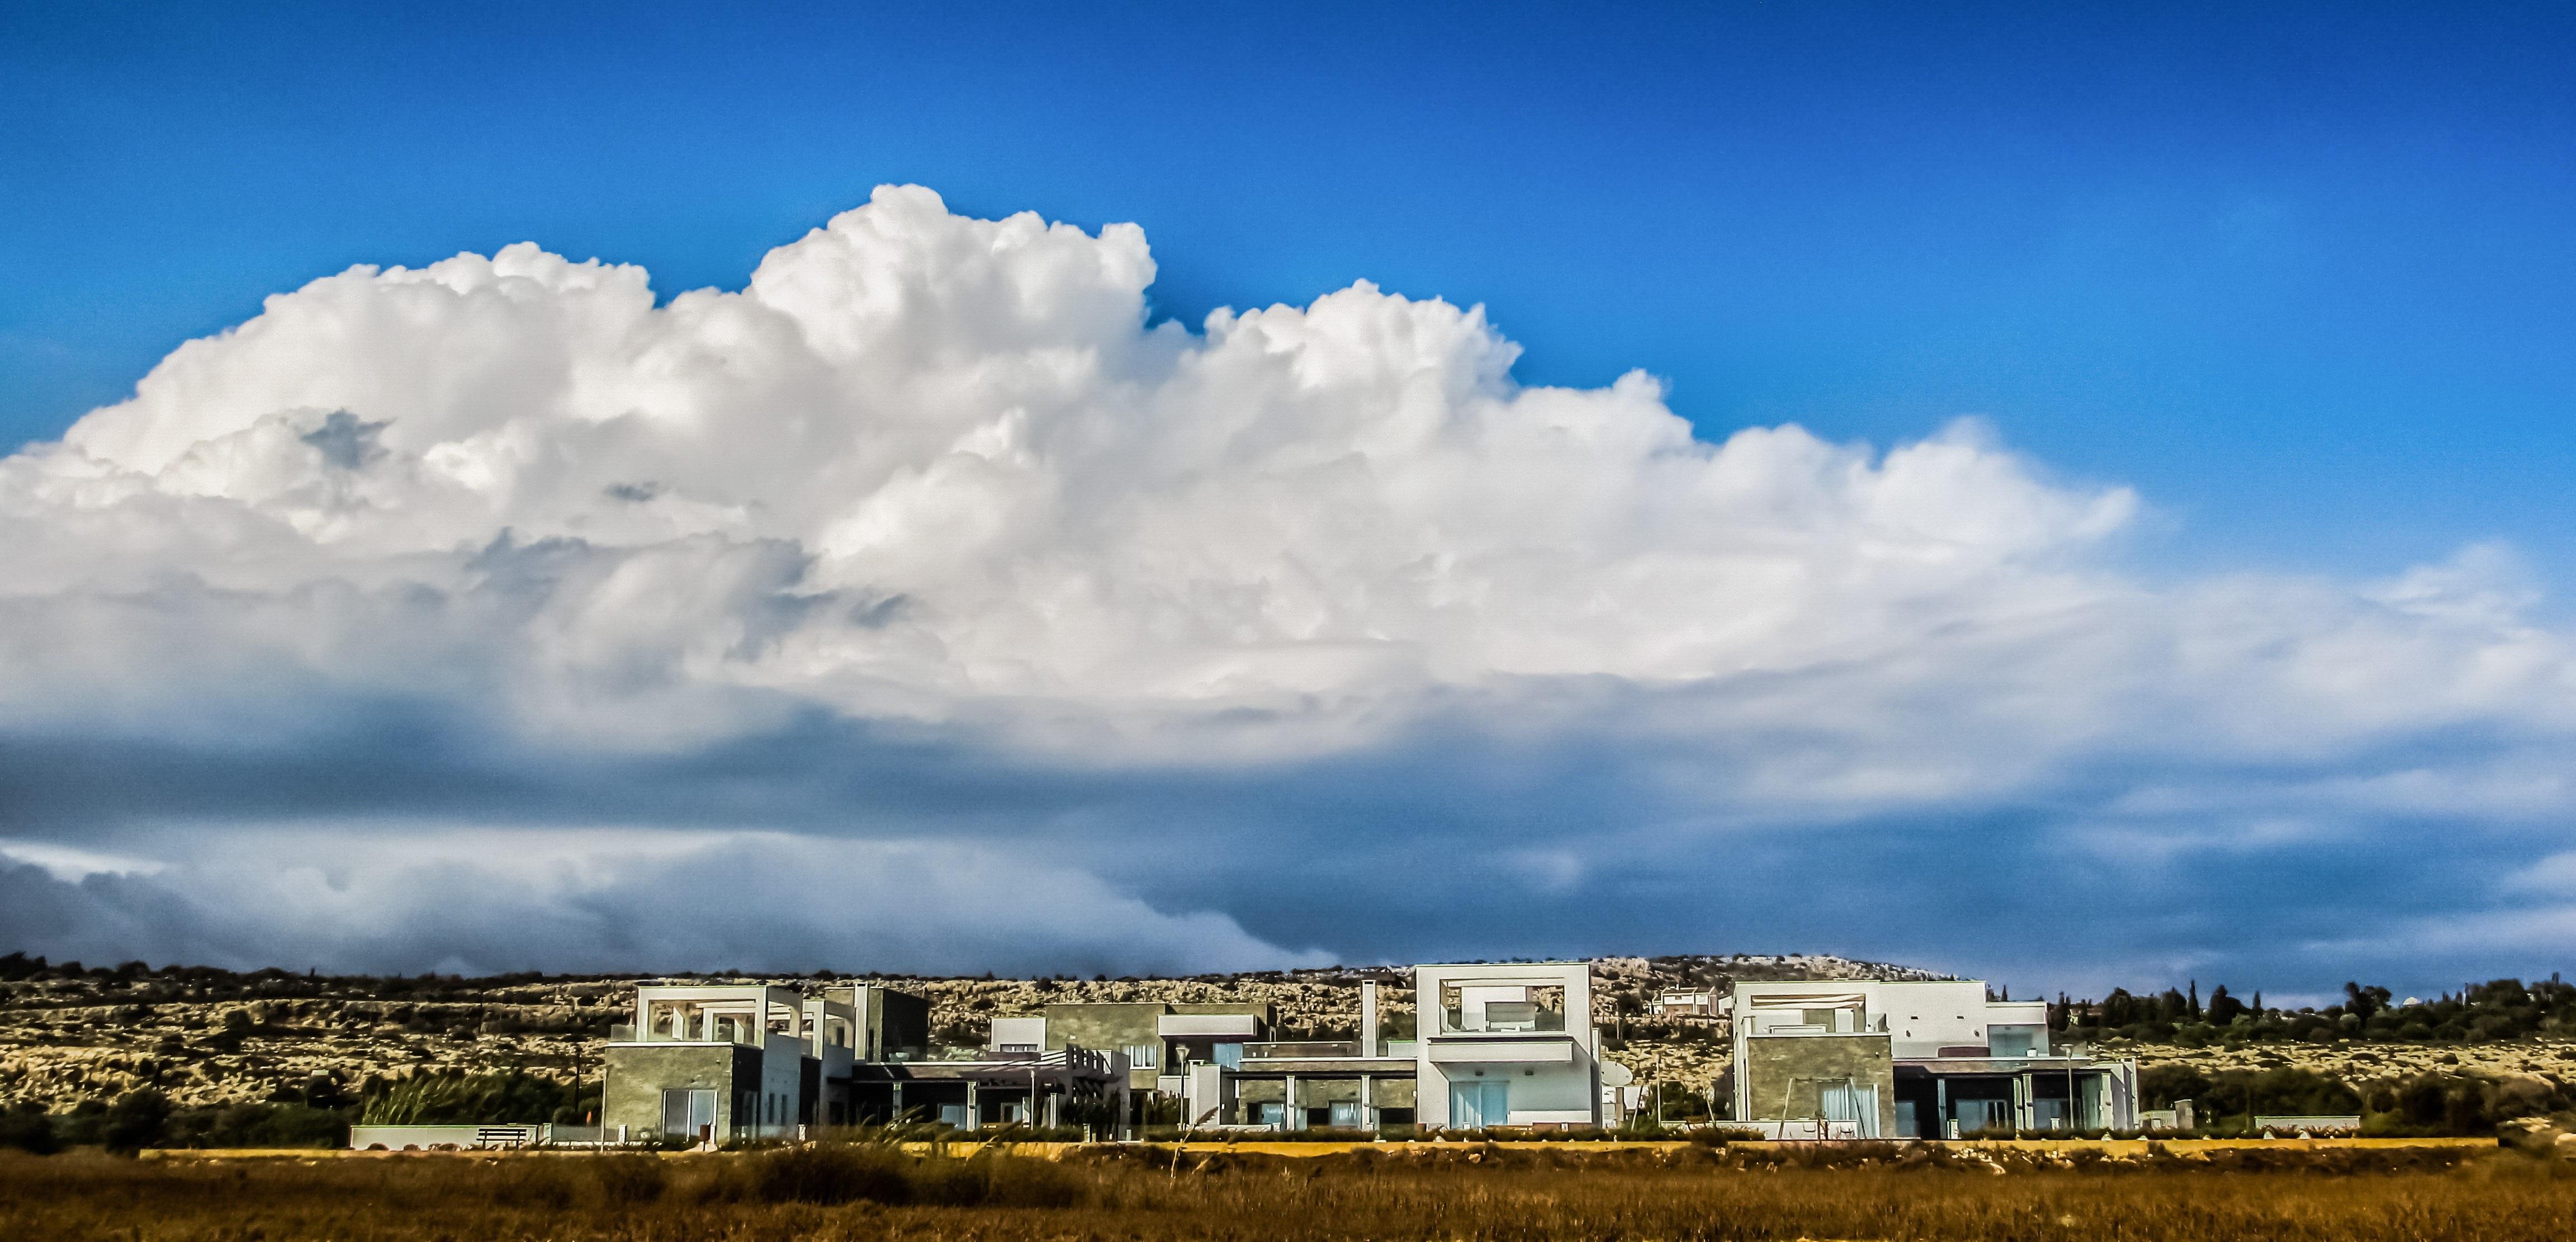 Bakgrundsbilder Landskap Horisont Moln Himmel Fält Prärie